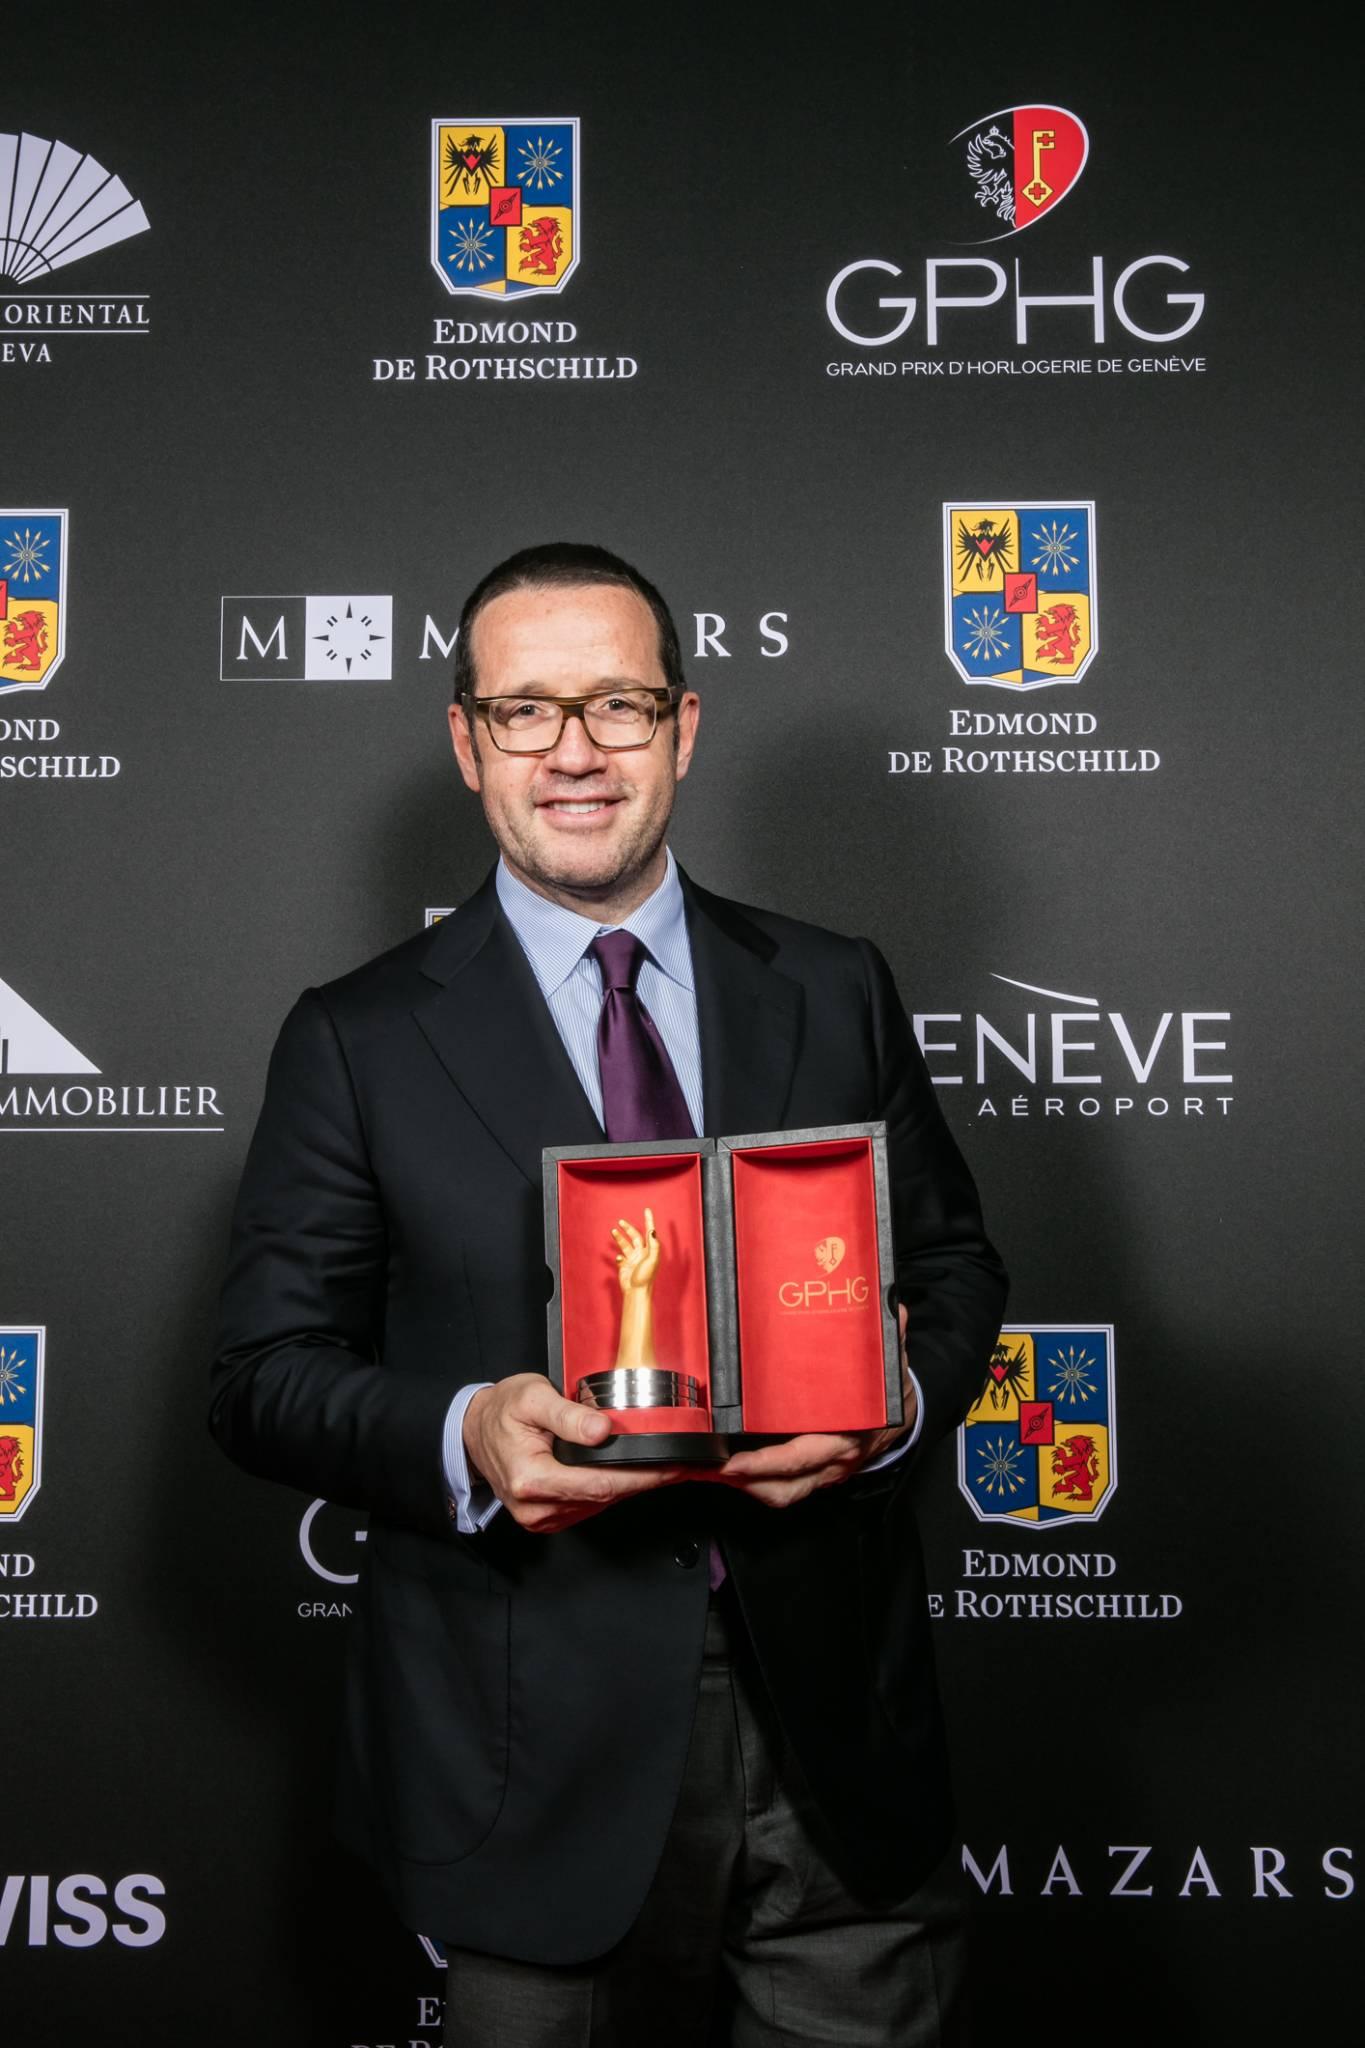 François Bennahmias (CEO de Audemars Piguet, marque lauréate du Prix de la Montre Joaillerie 2015)